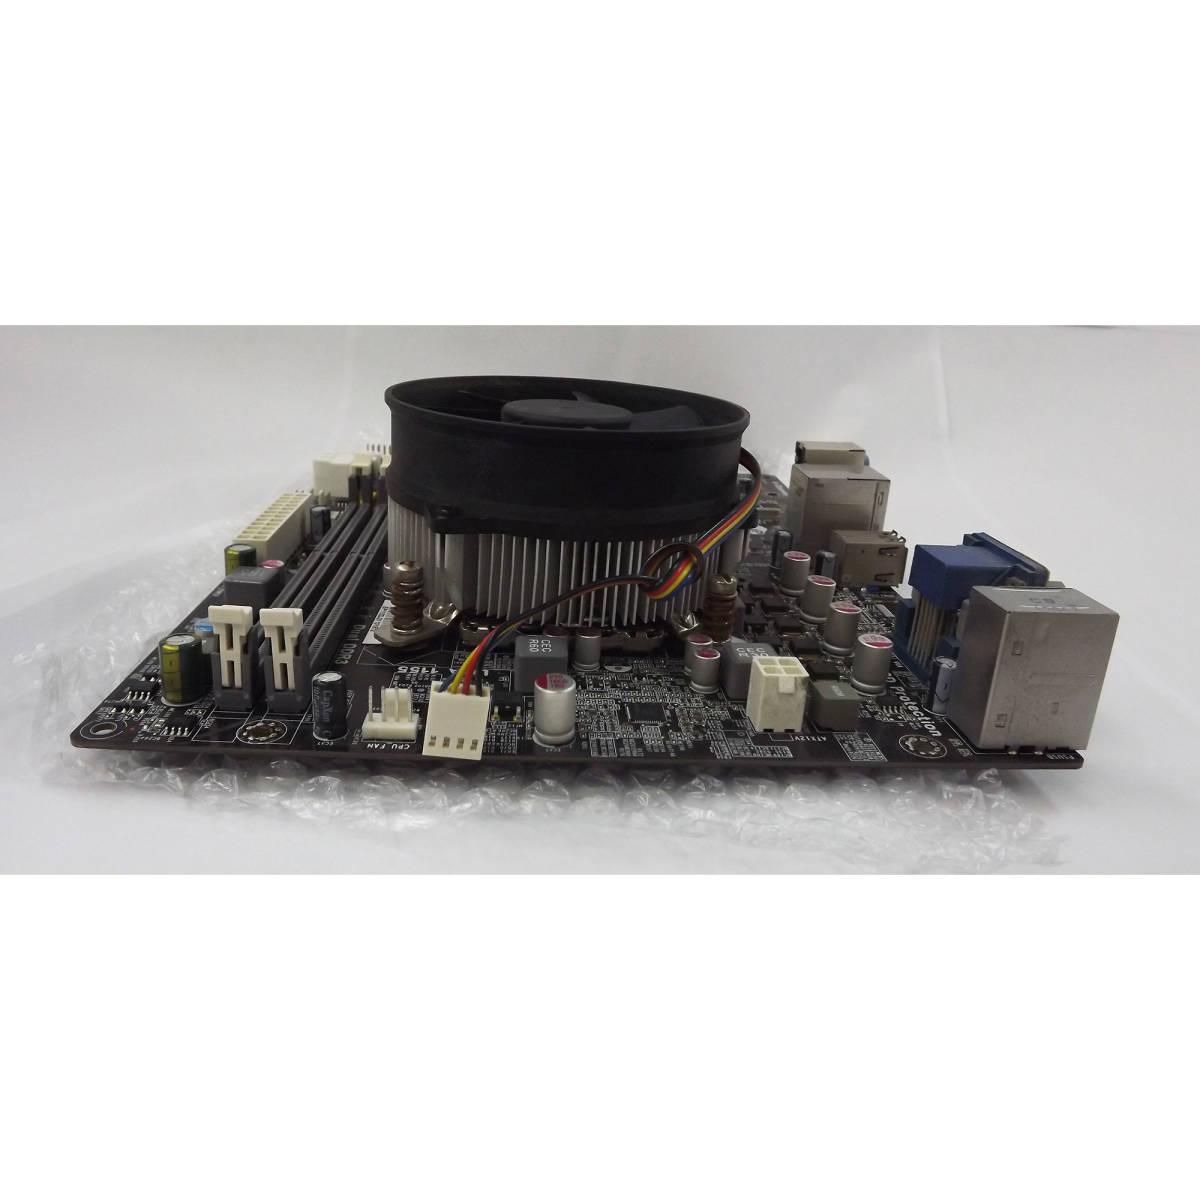 【 ECS / B75H2-M2 (V1.0) 】+【 Core i7-3770 】/ マザーボード・CPUセット・動確認済_画像3